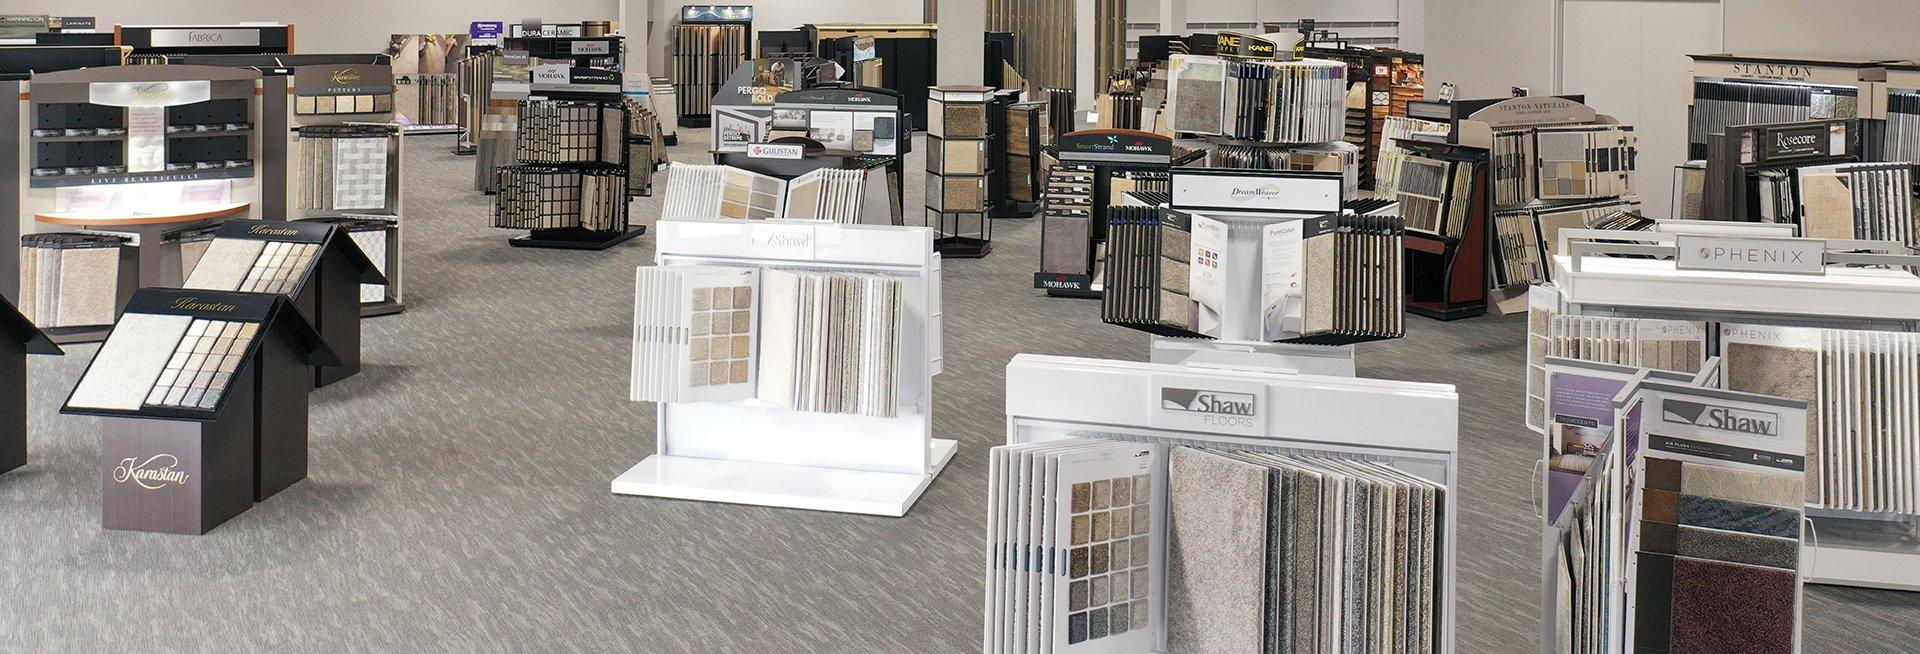 Americas Floor Source - Indianapolis location, interior